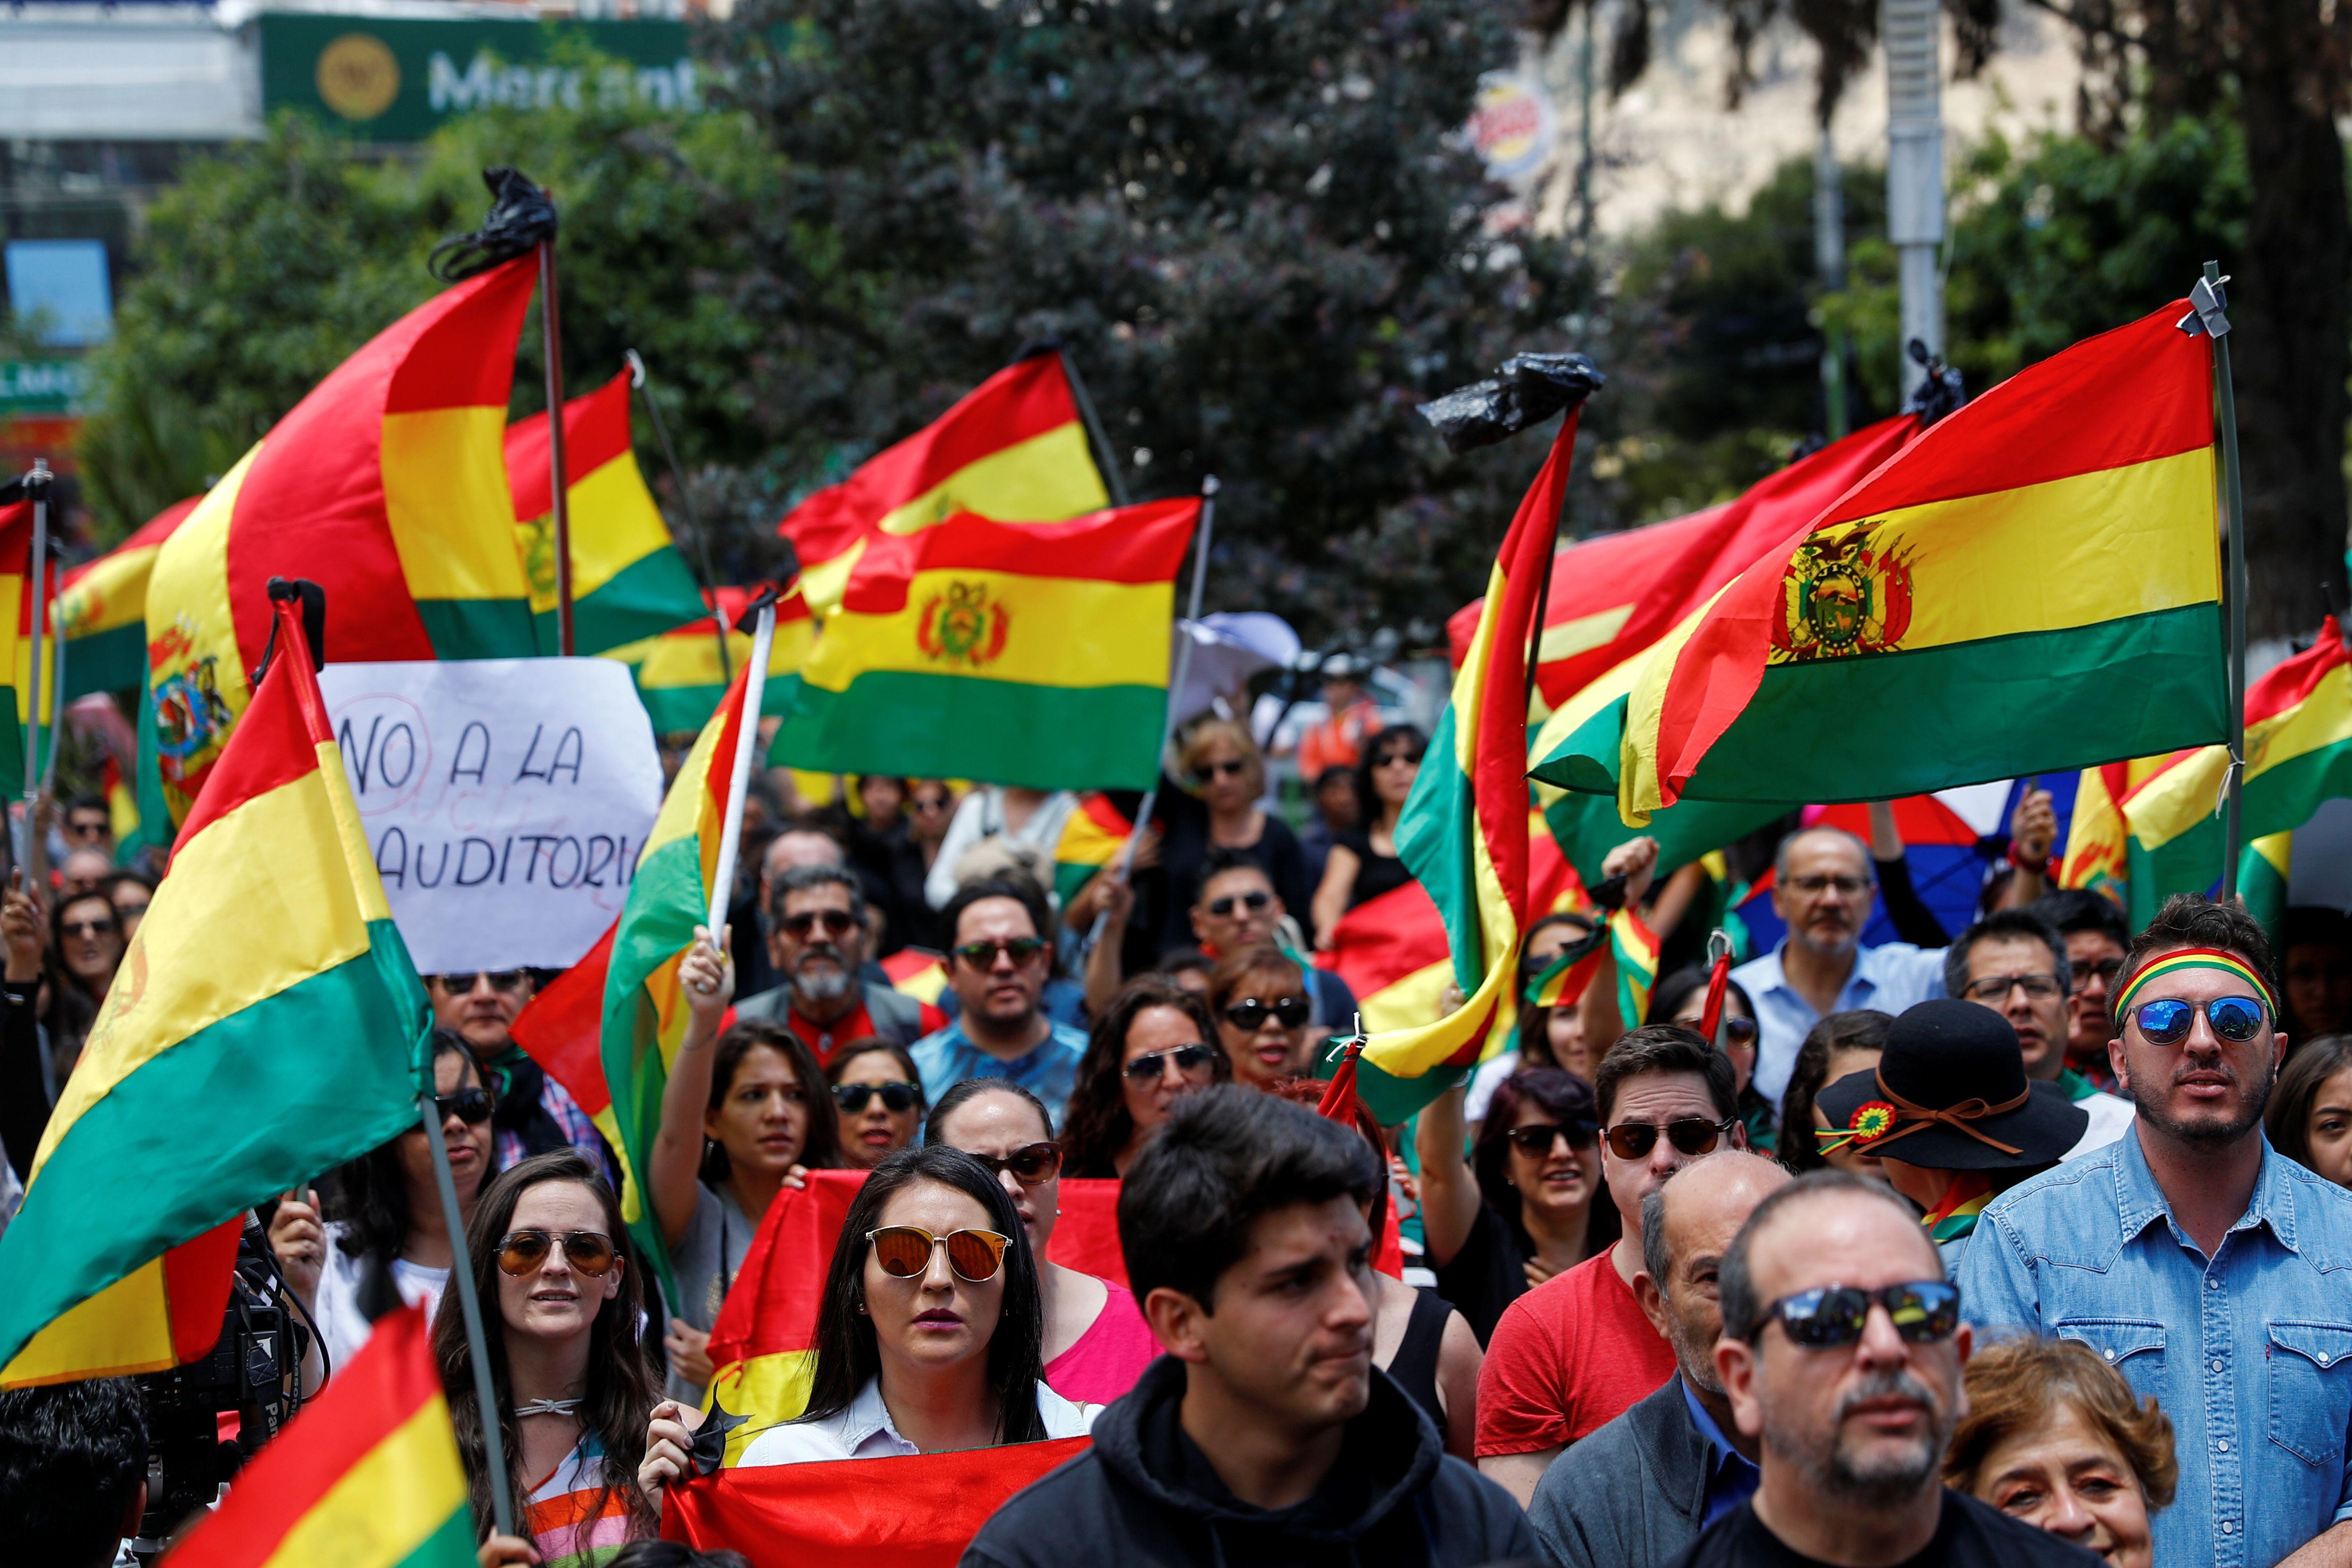 Cientos marcharon en La Paz contra el gobierno de Evo Morales el 1 de noviembre (REUTERS/Kai Pfaffenbach)